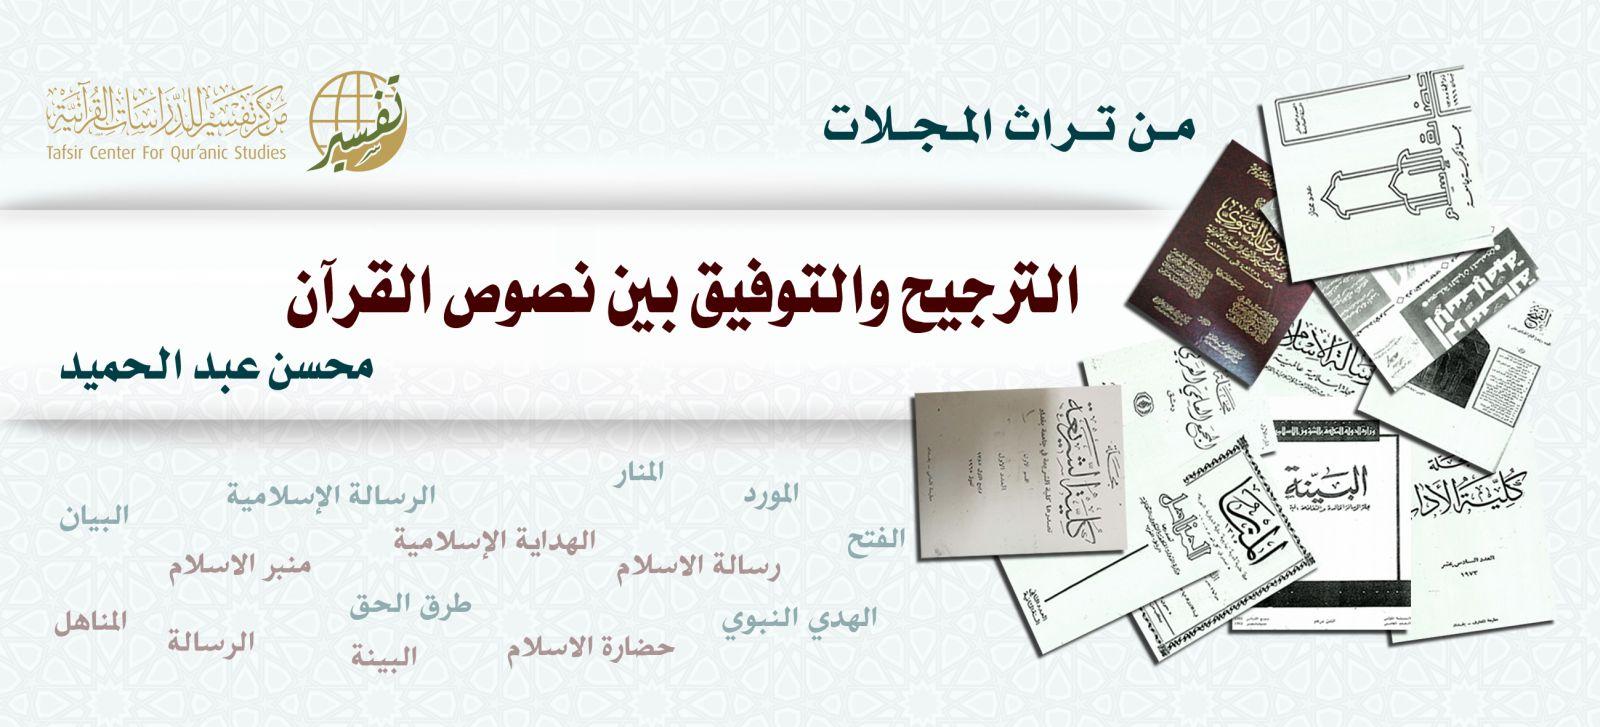 الترجيح والتوفيق بين نصوص القرآن